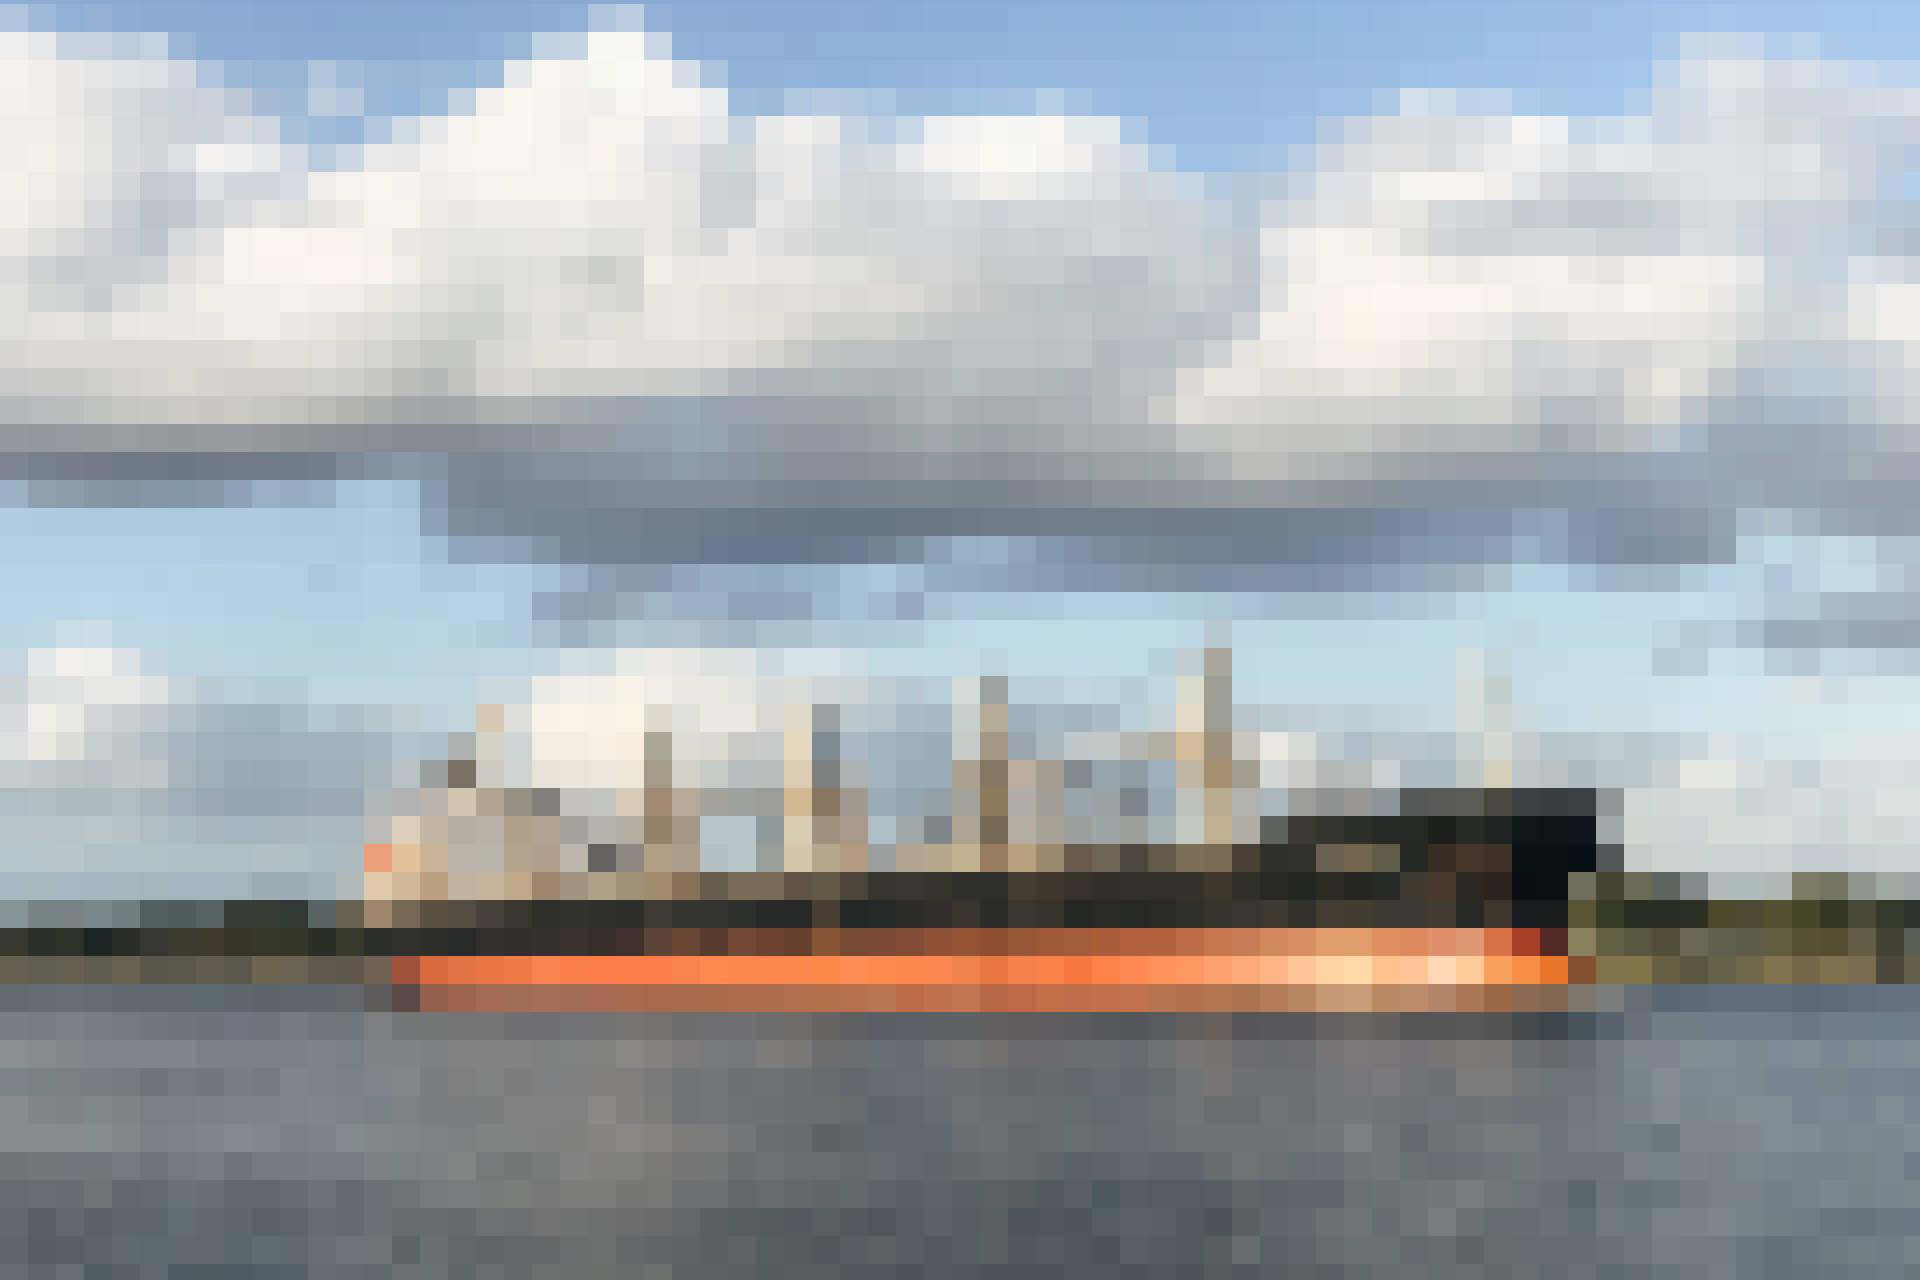 Bild eines Frachtschiffes, das in Photoshop verpixelt wurde